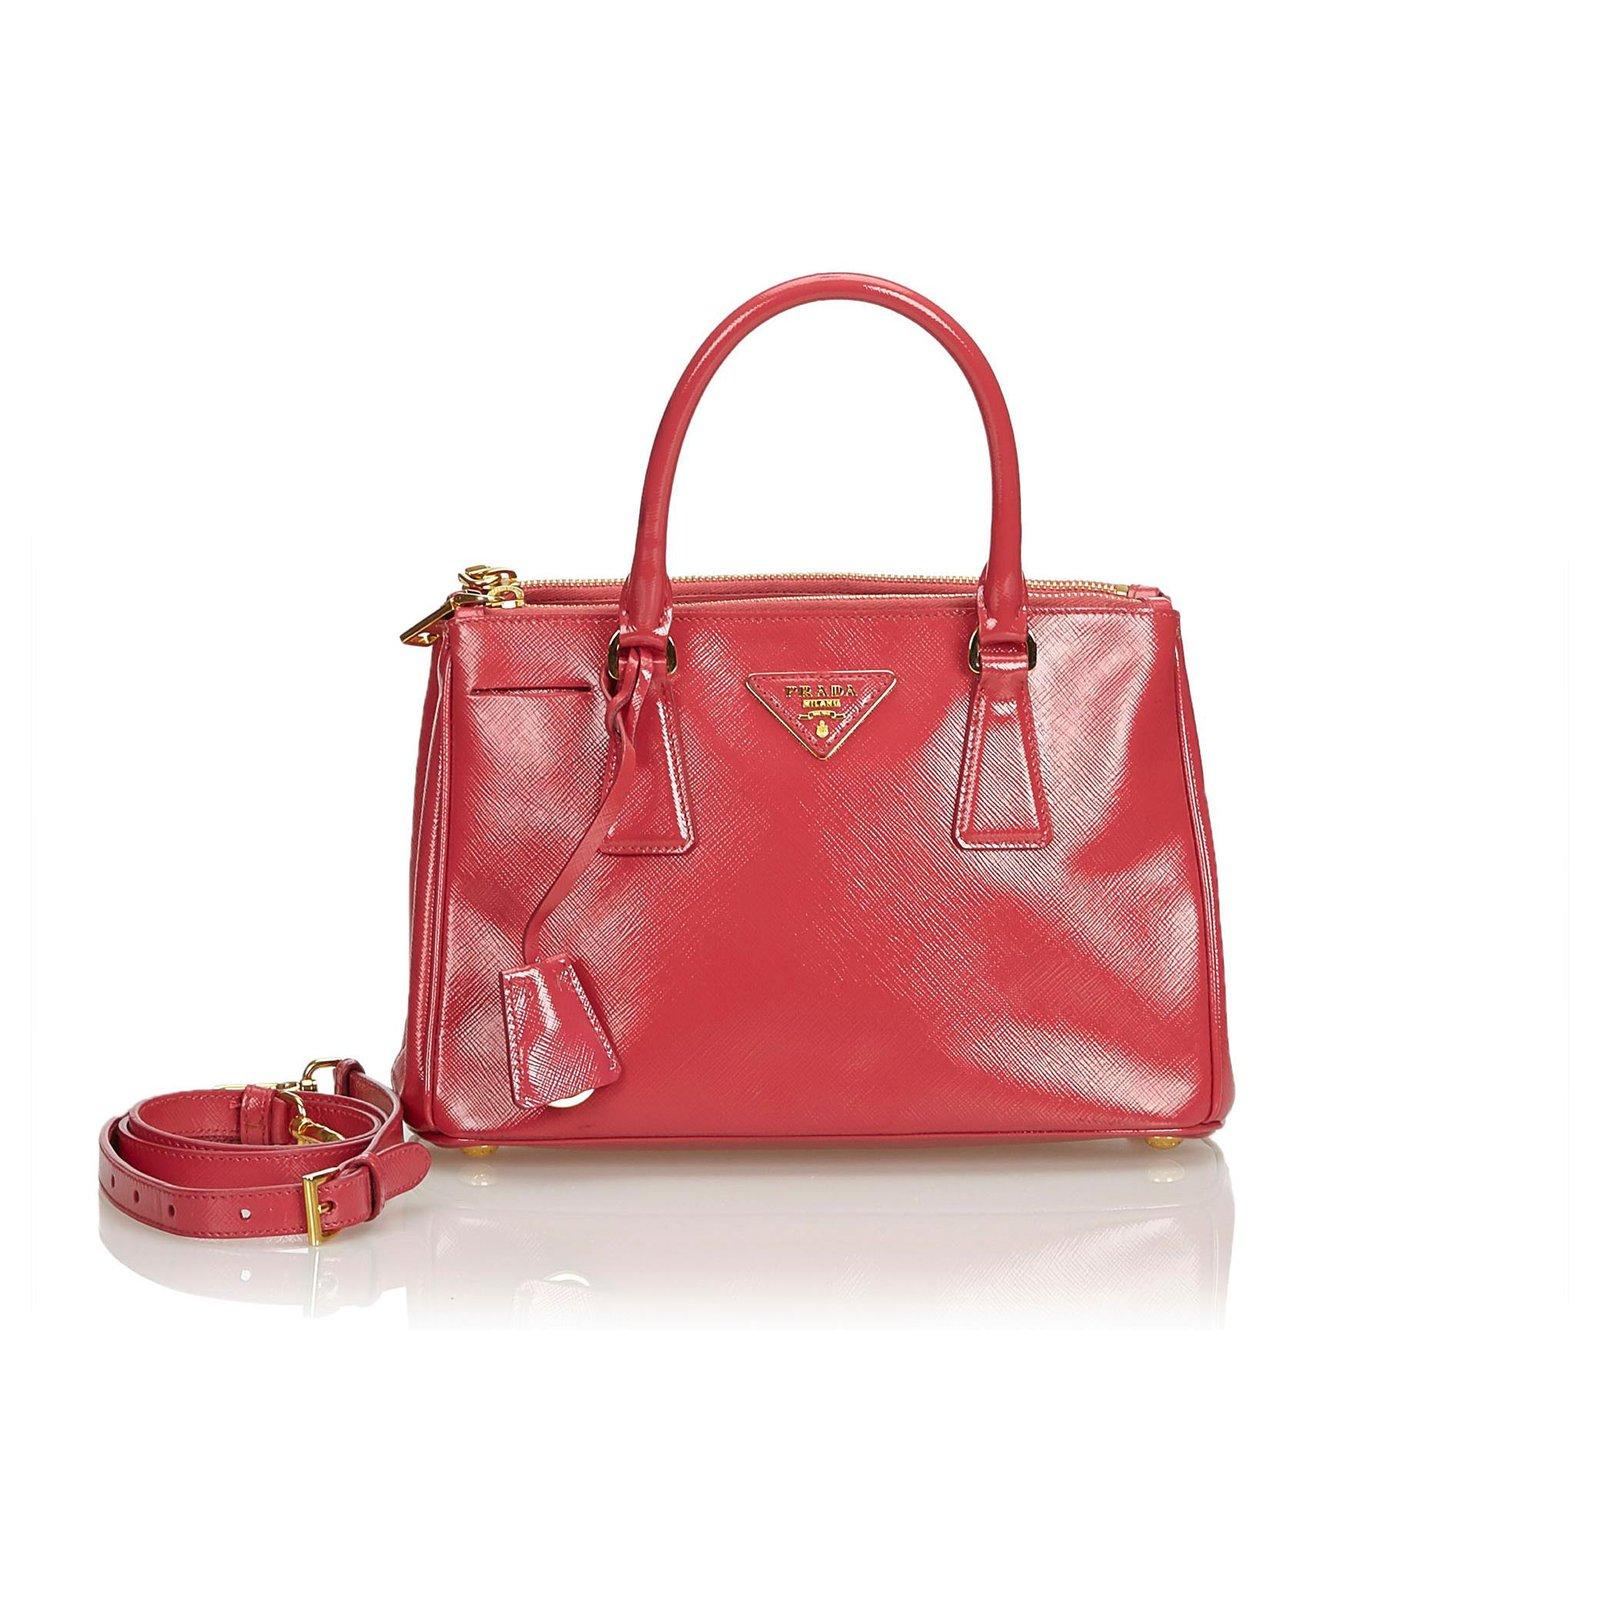 66674e920555 Prada Prada Red Saffiano Galleria Satchel Handbags Leather,Other Red  ref.120498